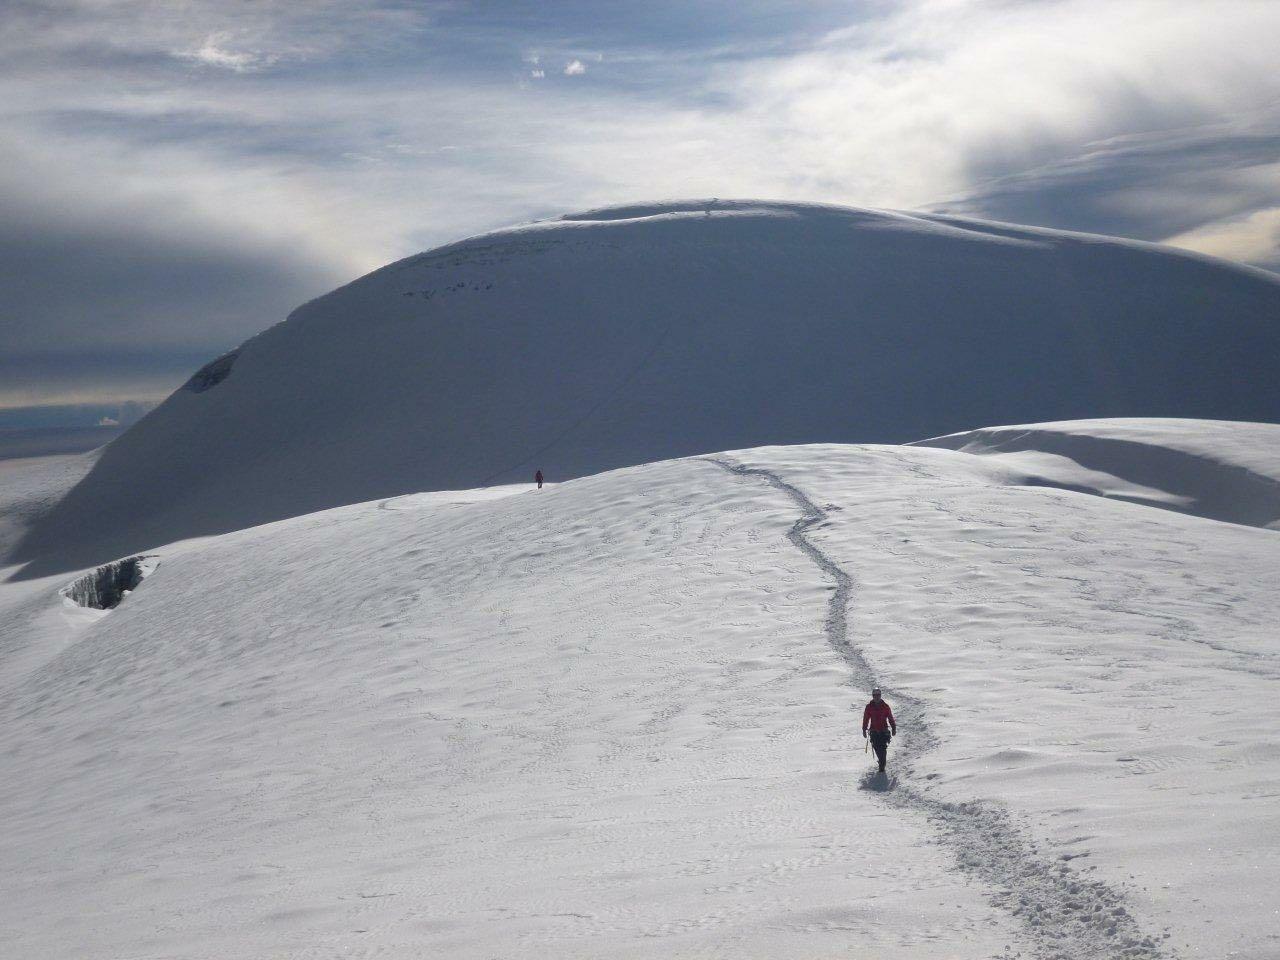 Andes Mountains Ecuador - Hiking